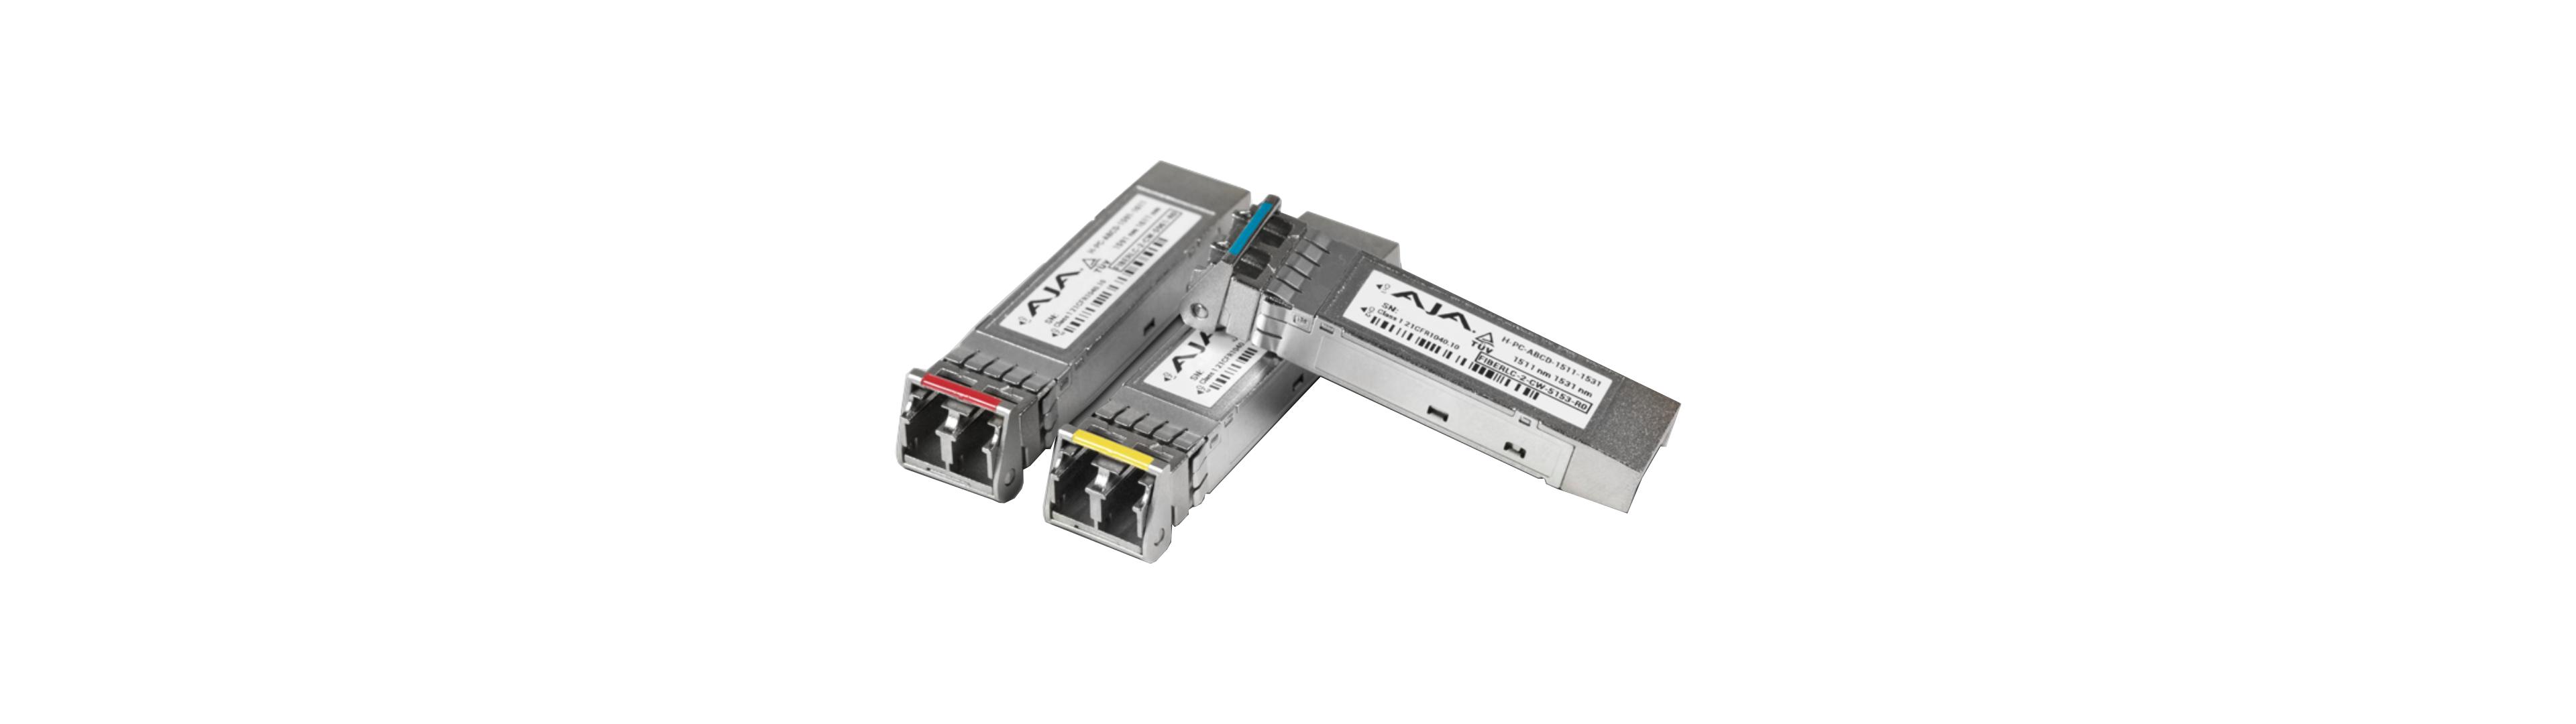 Dual TX 1511/1531 SDI Fiber